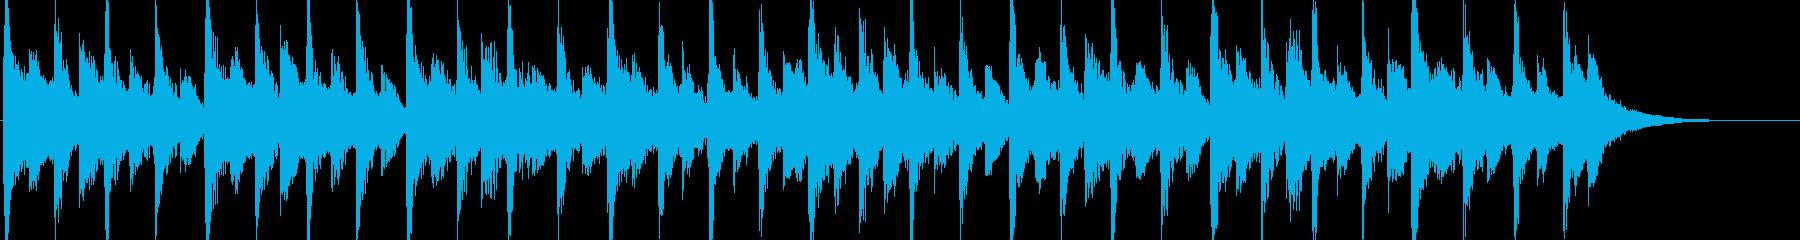 80年代のポップロック調のジングルの再生済みの波形